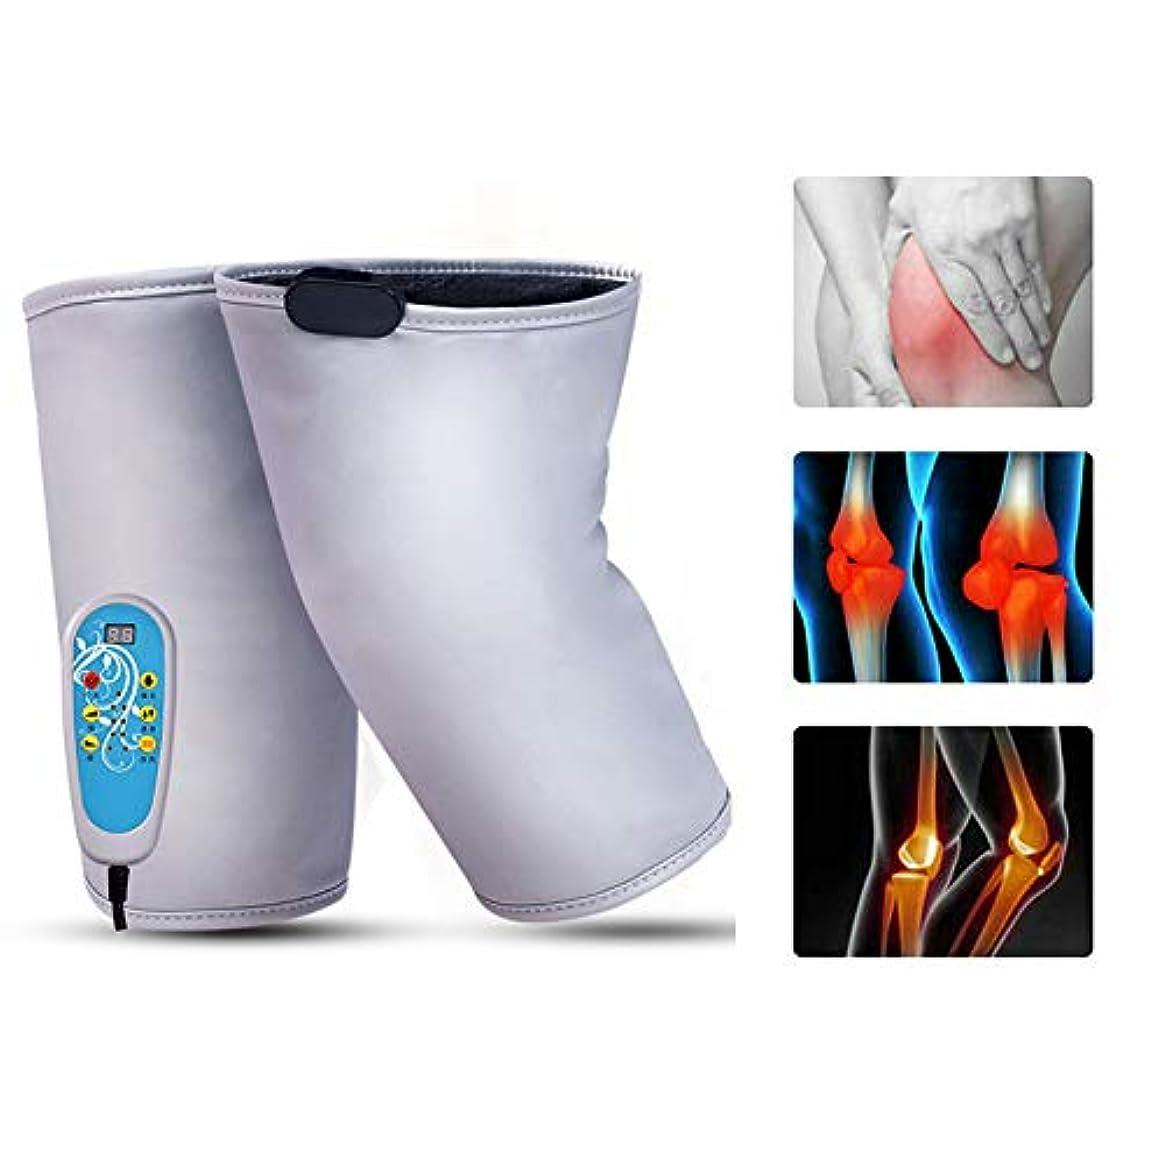 夕食を食べる欠かせない中間暖房膝装具サポート1対加熱膝パッドウォームラップ - 膝のけが、痛みを軽減するための9マッサージモードのセラピーマッサージャー